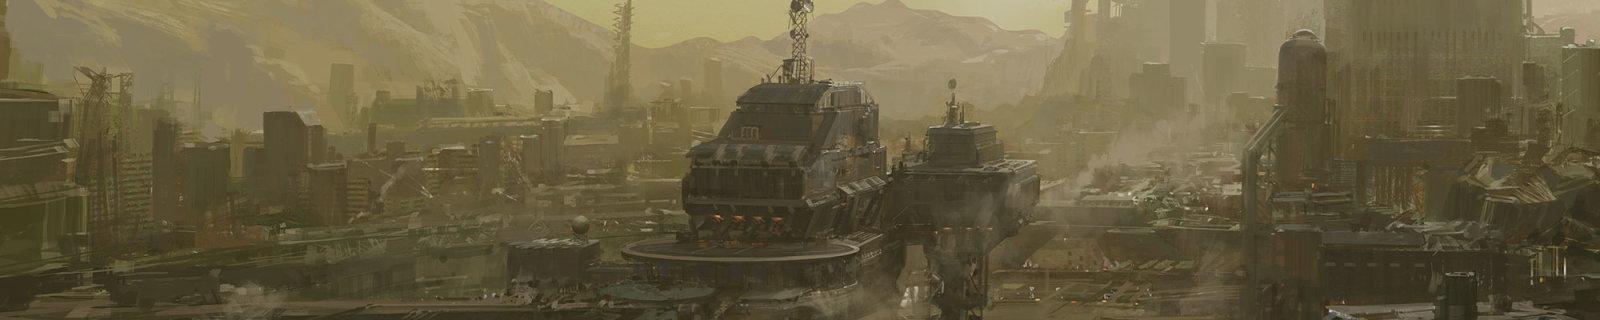 《幻》的第一个可玩Demo开放下载了